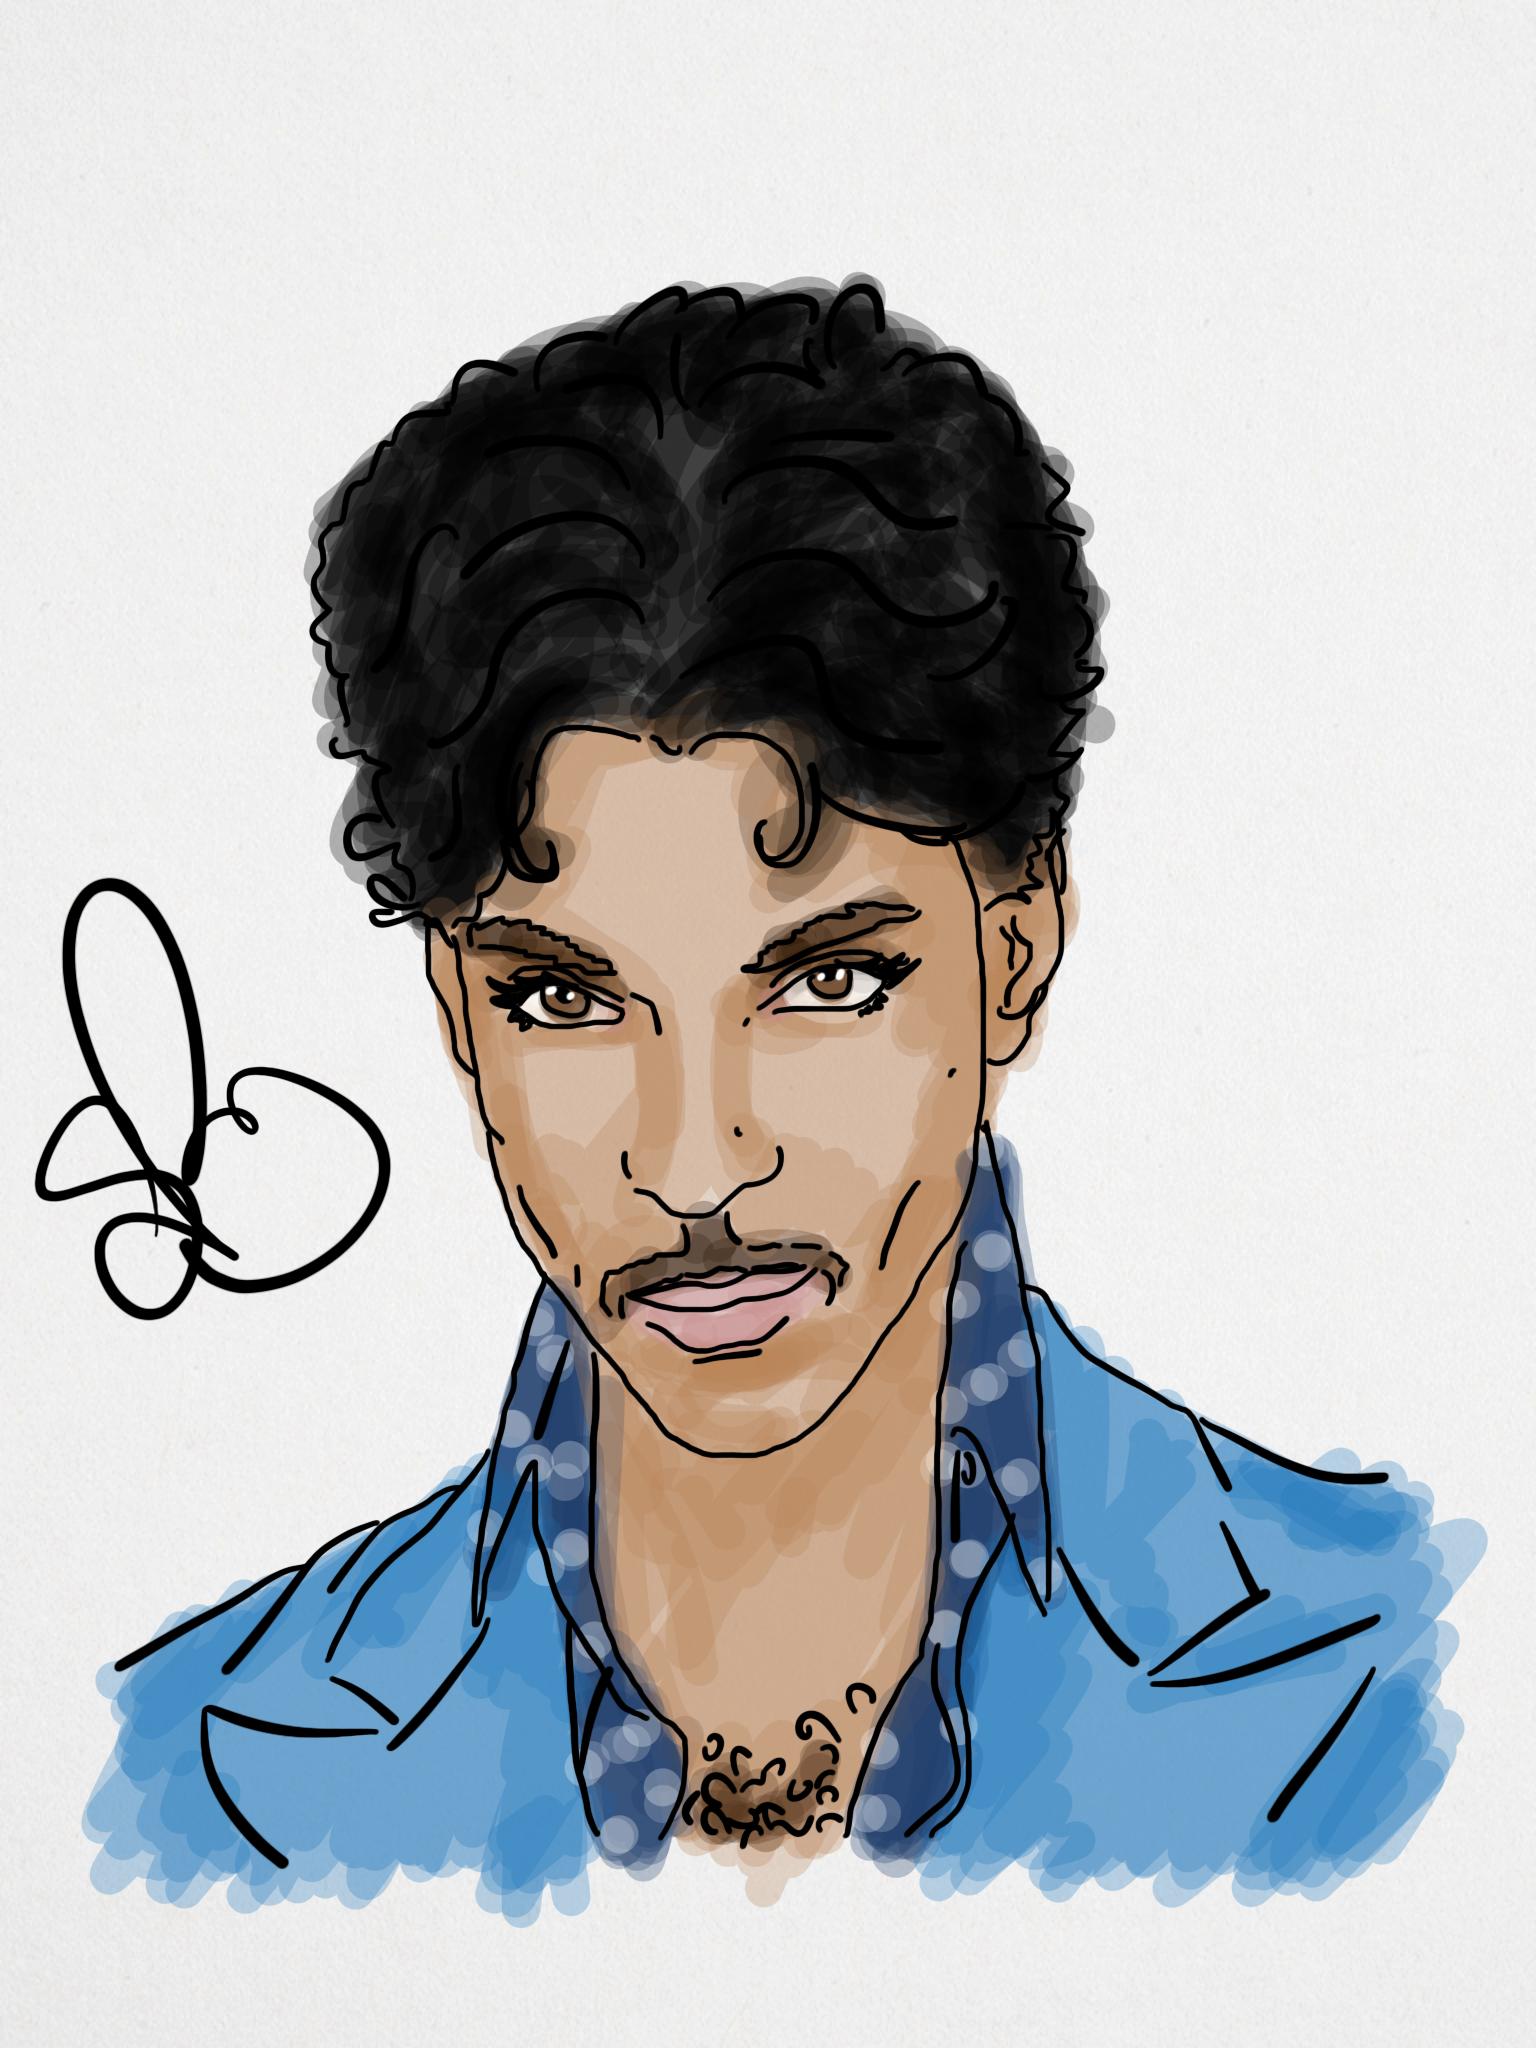 Prince by StevePaulMyers